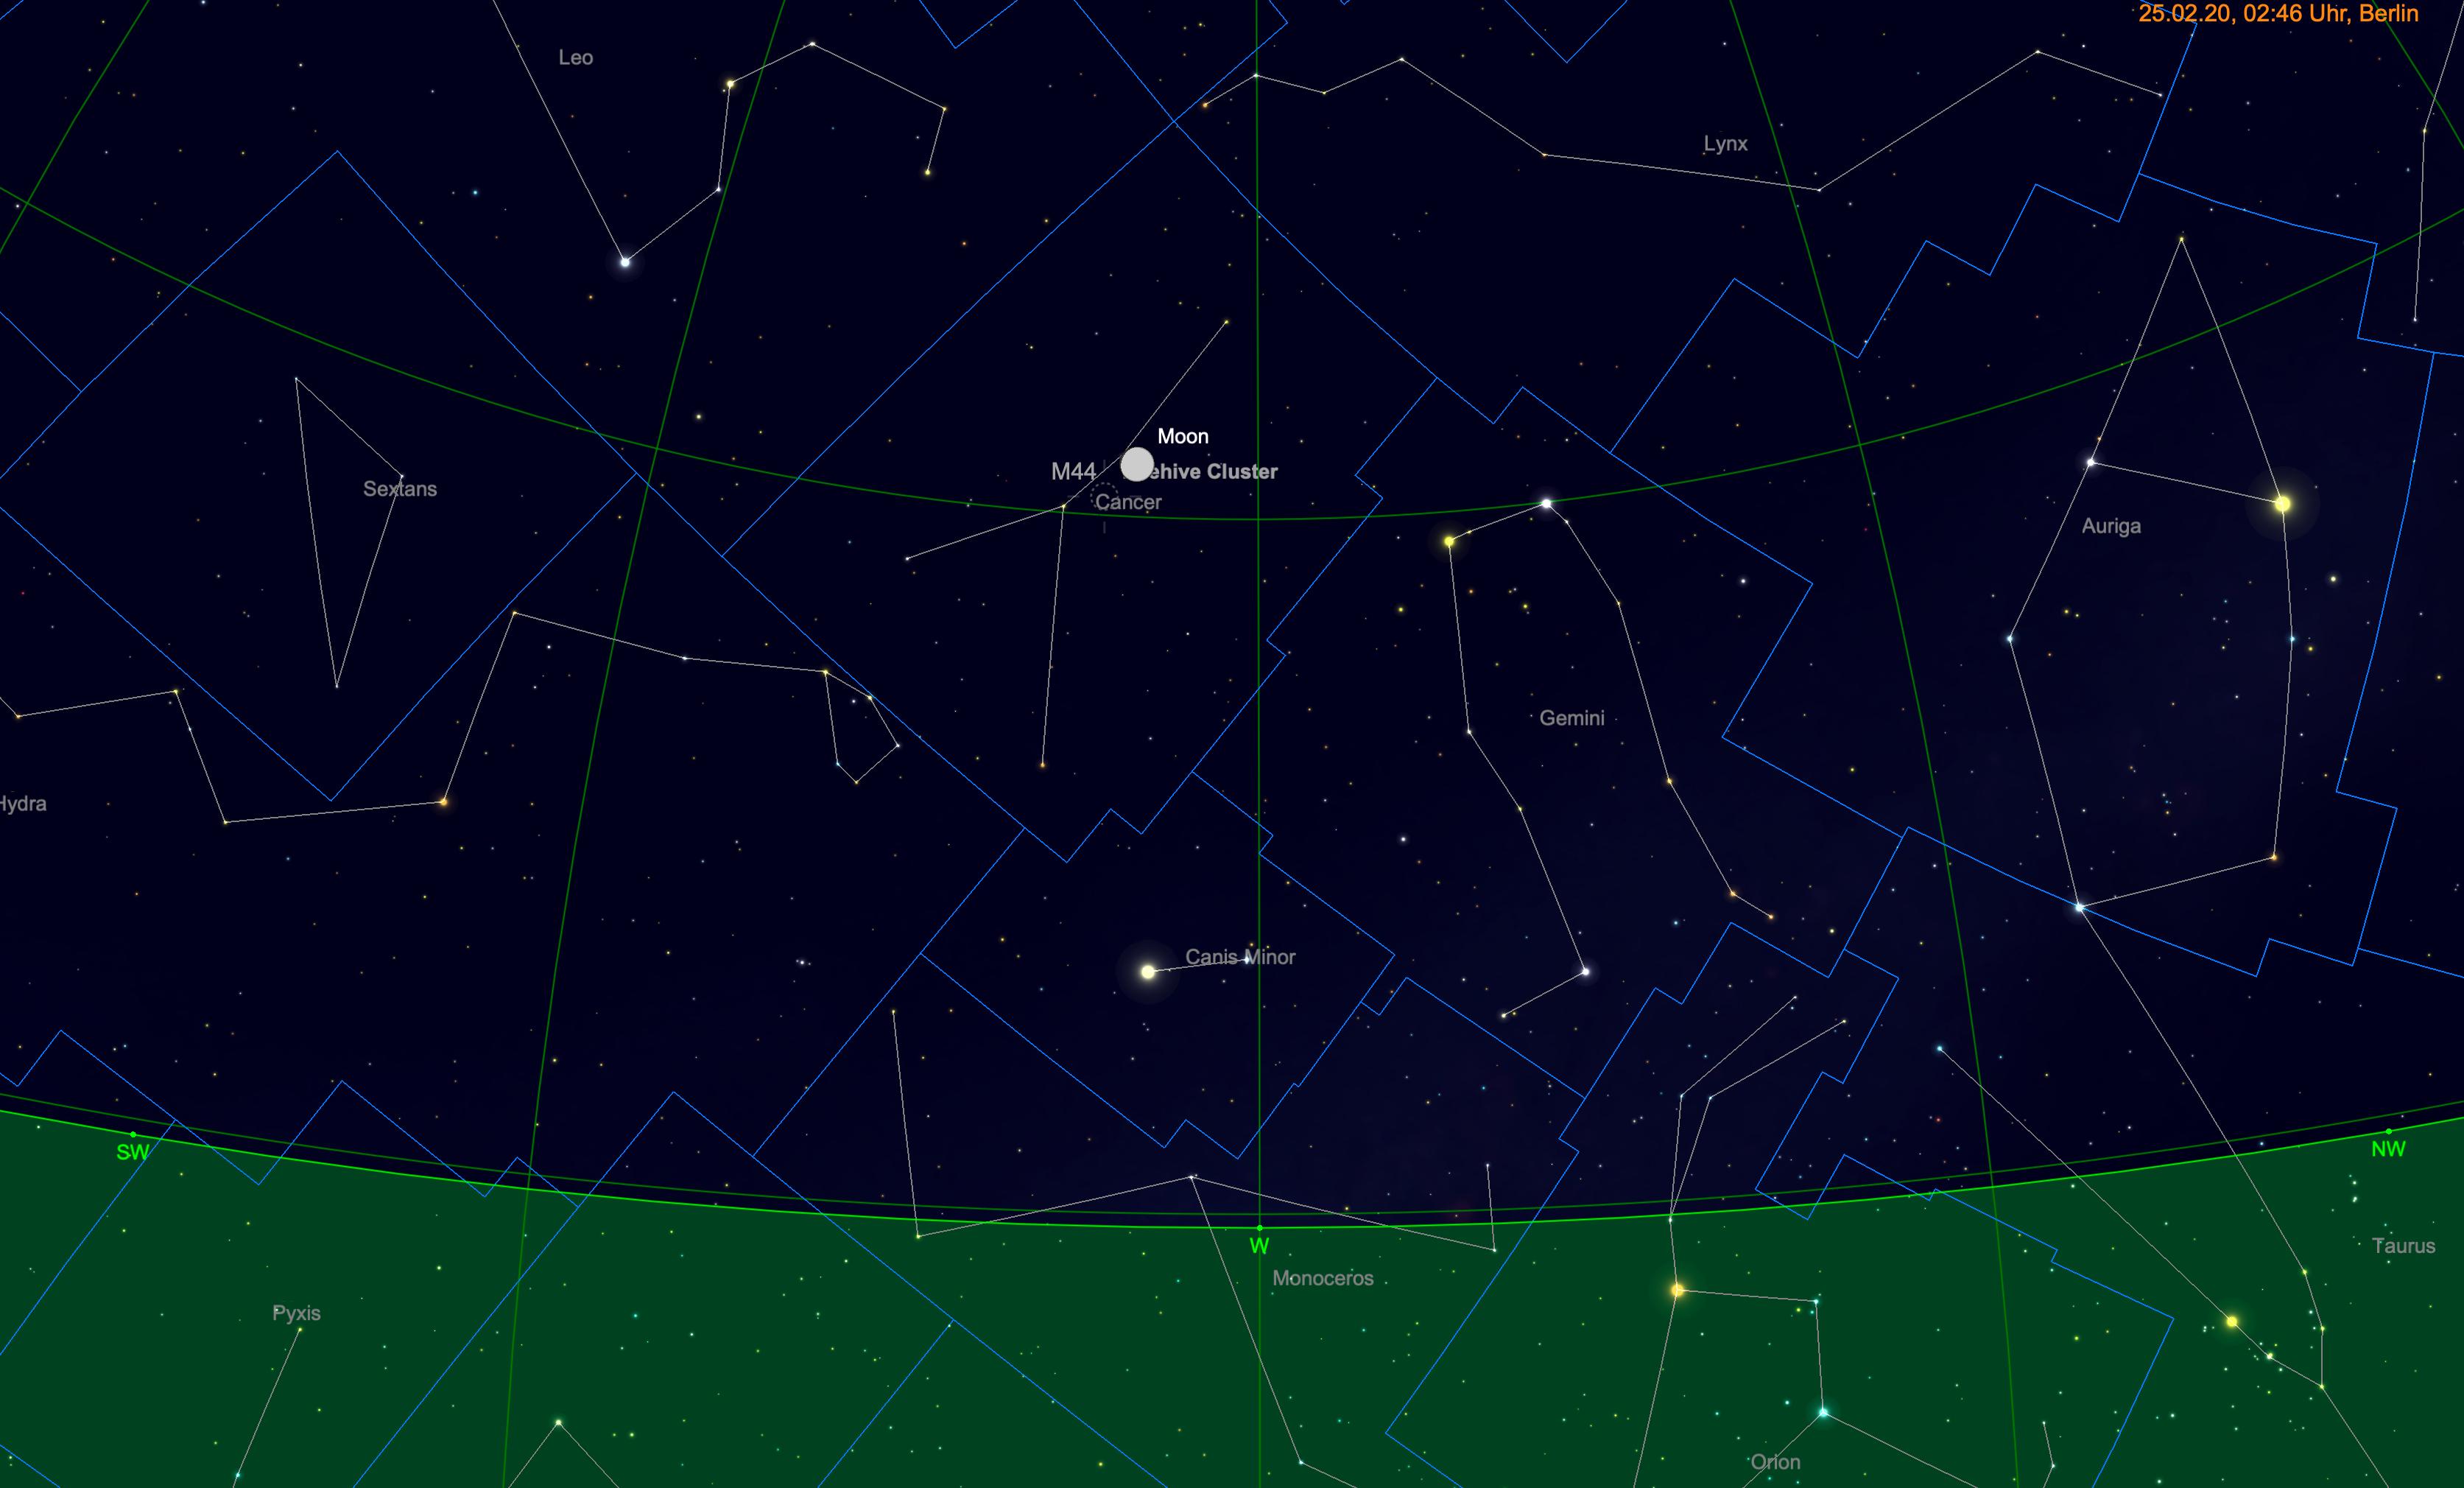 Mond nahe M44